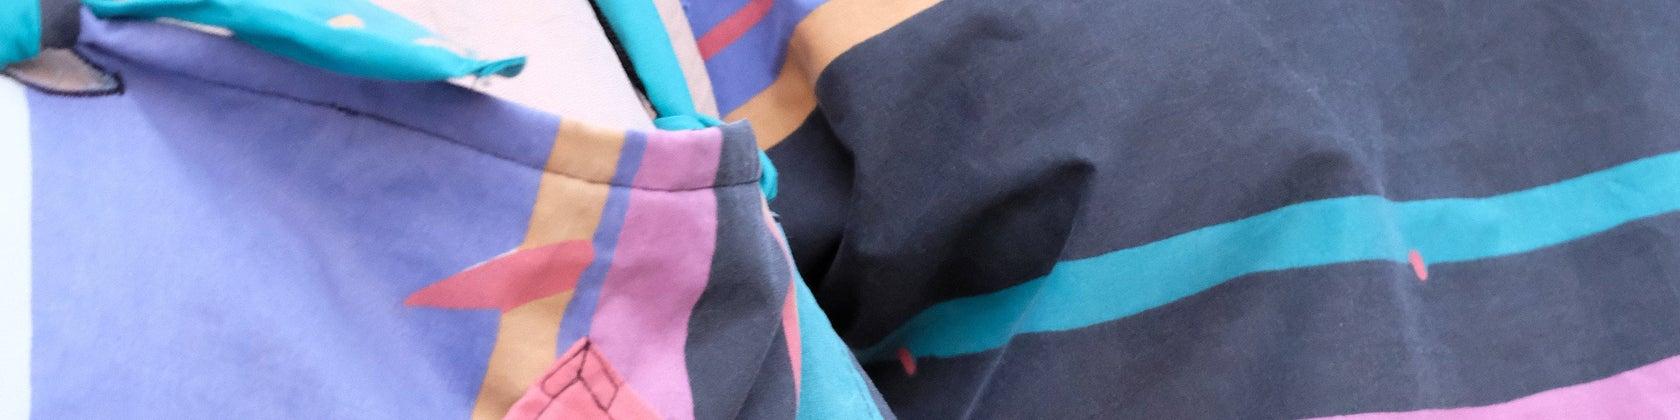 Descubriendo Kistaku Upcycling, moda sostenible y circular